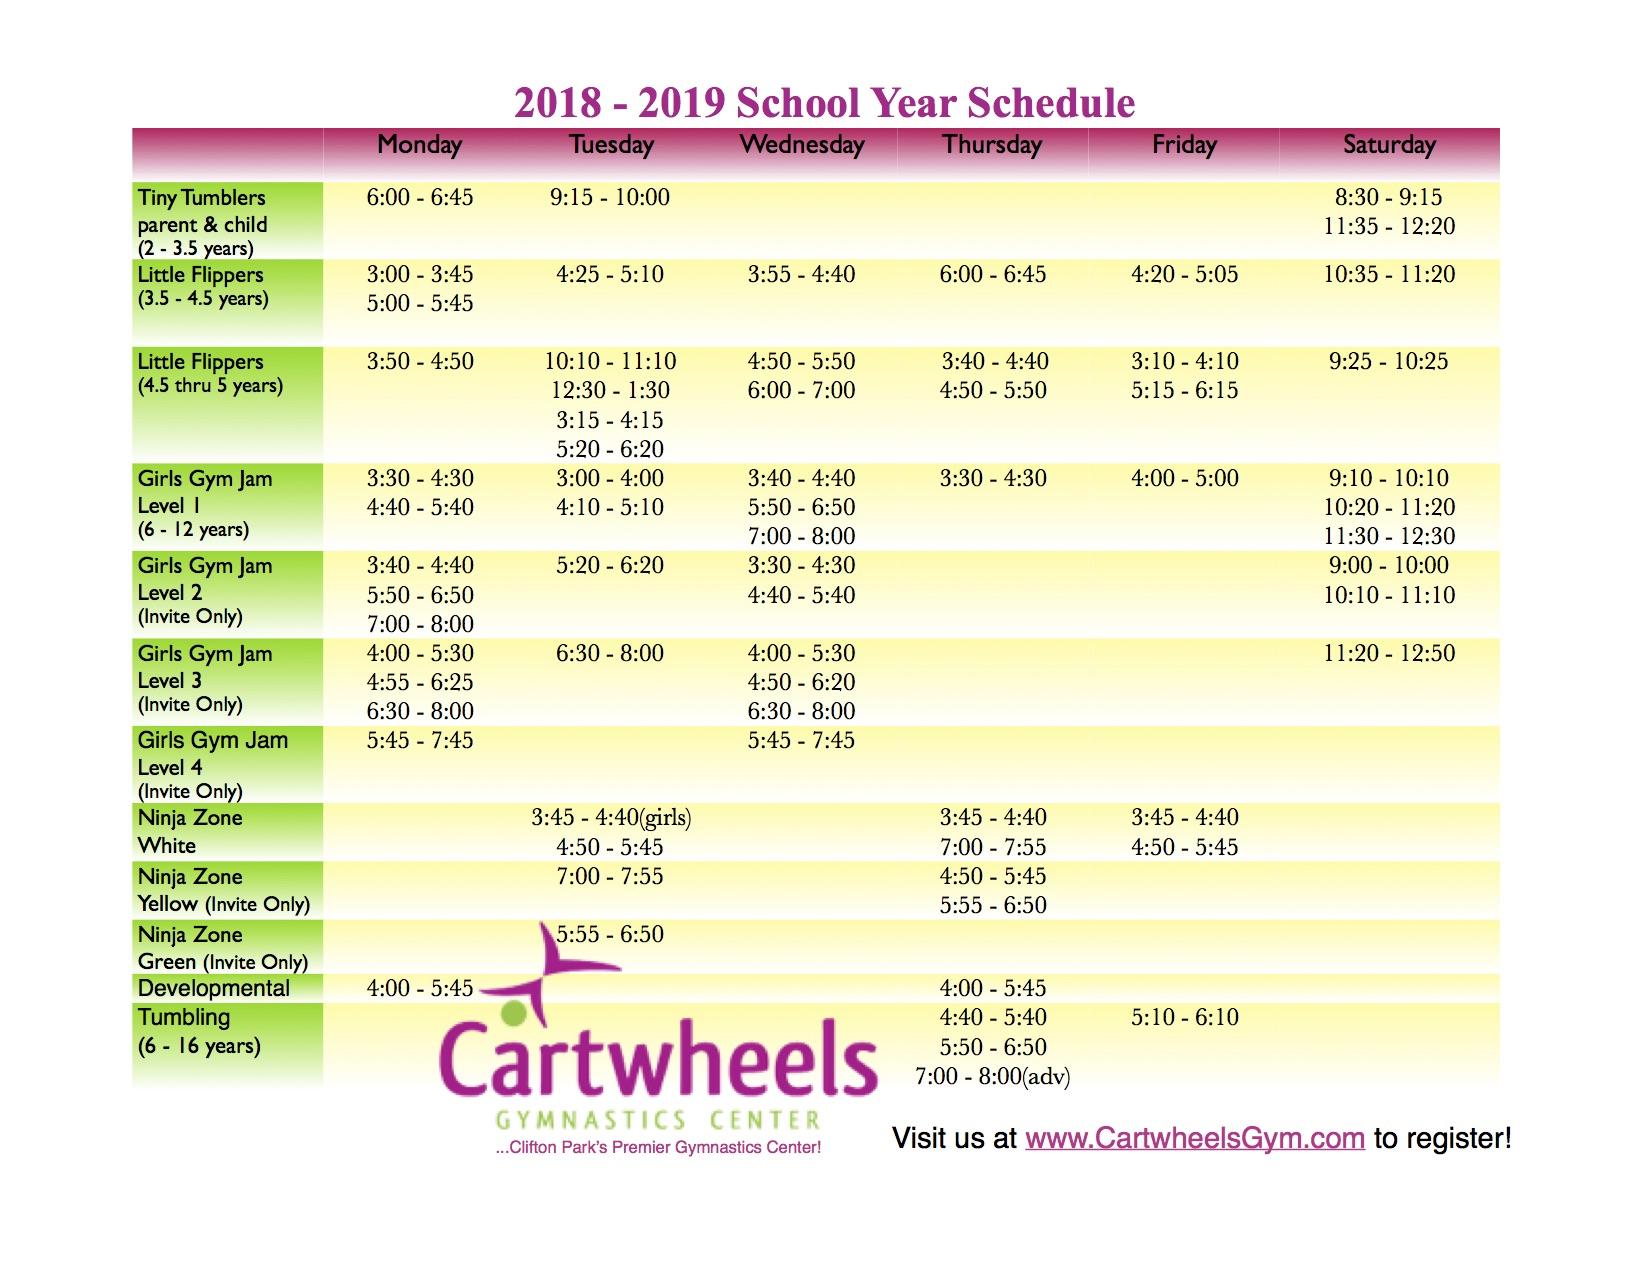 2018 - 2019 Schedule - Cartwheels Gymnastics Center